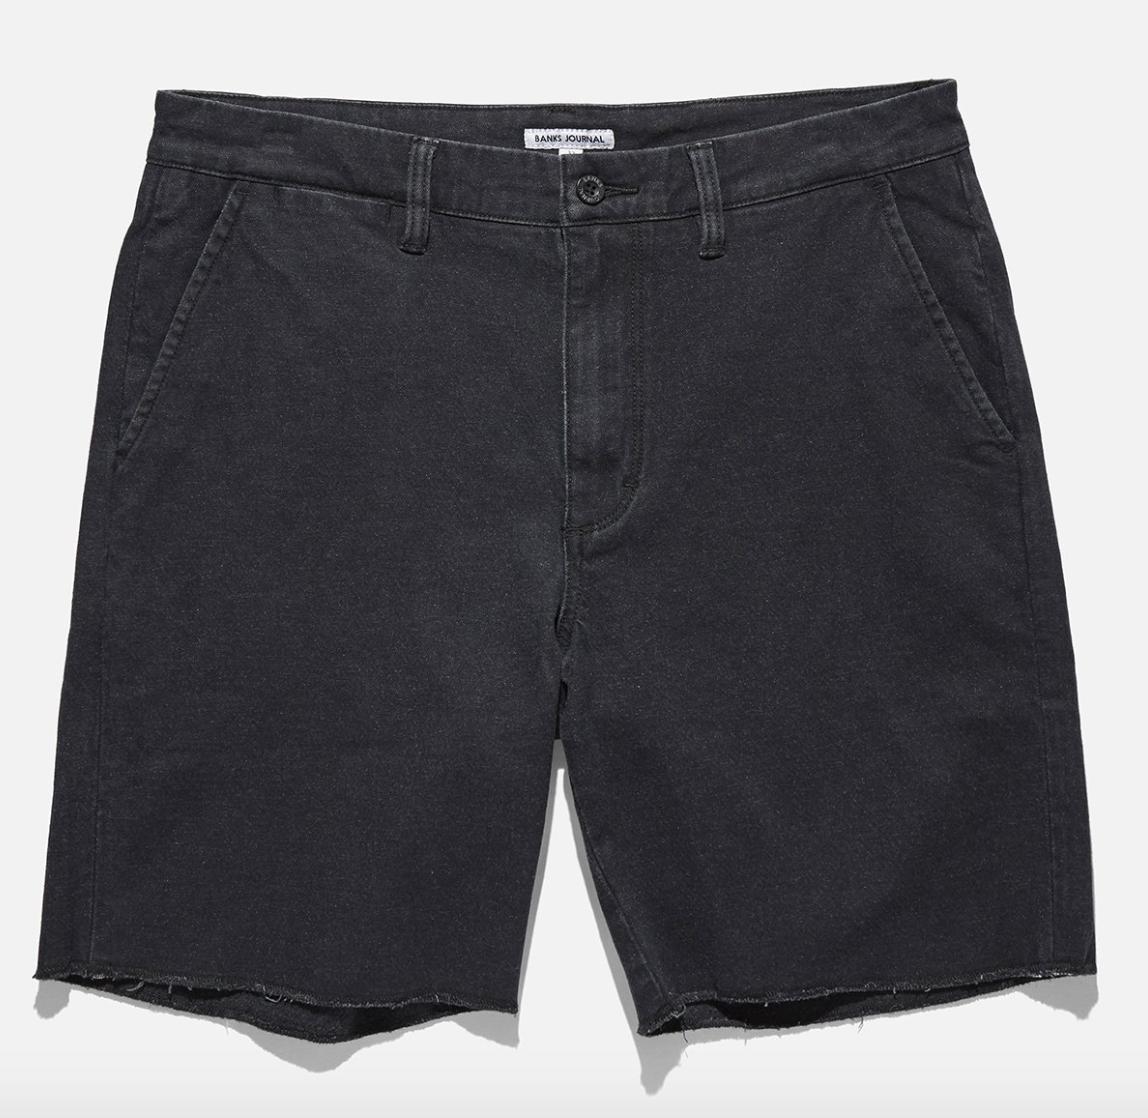 Denim Walk Shorts - $55